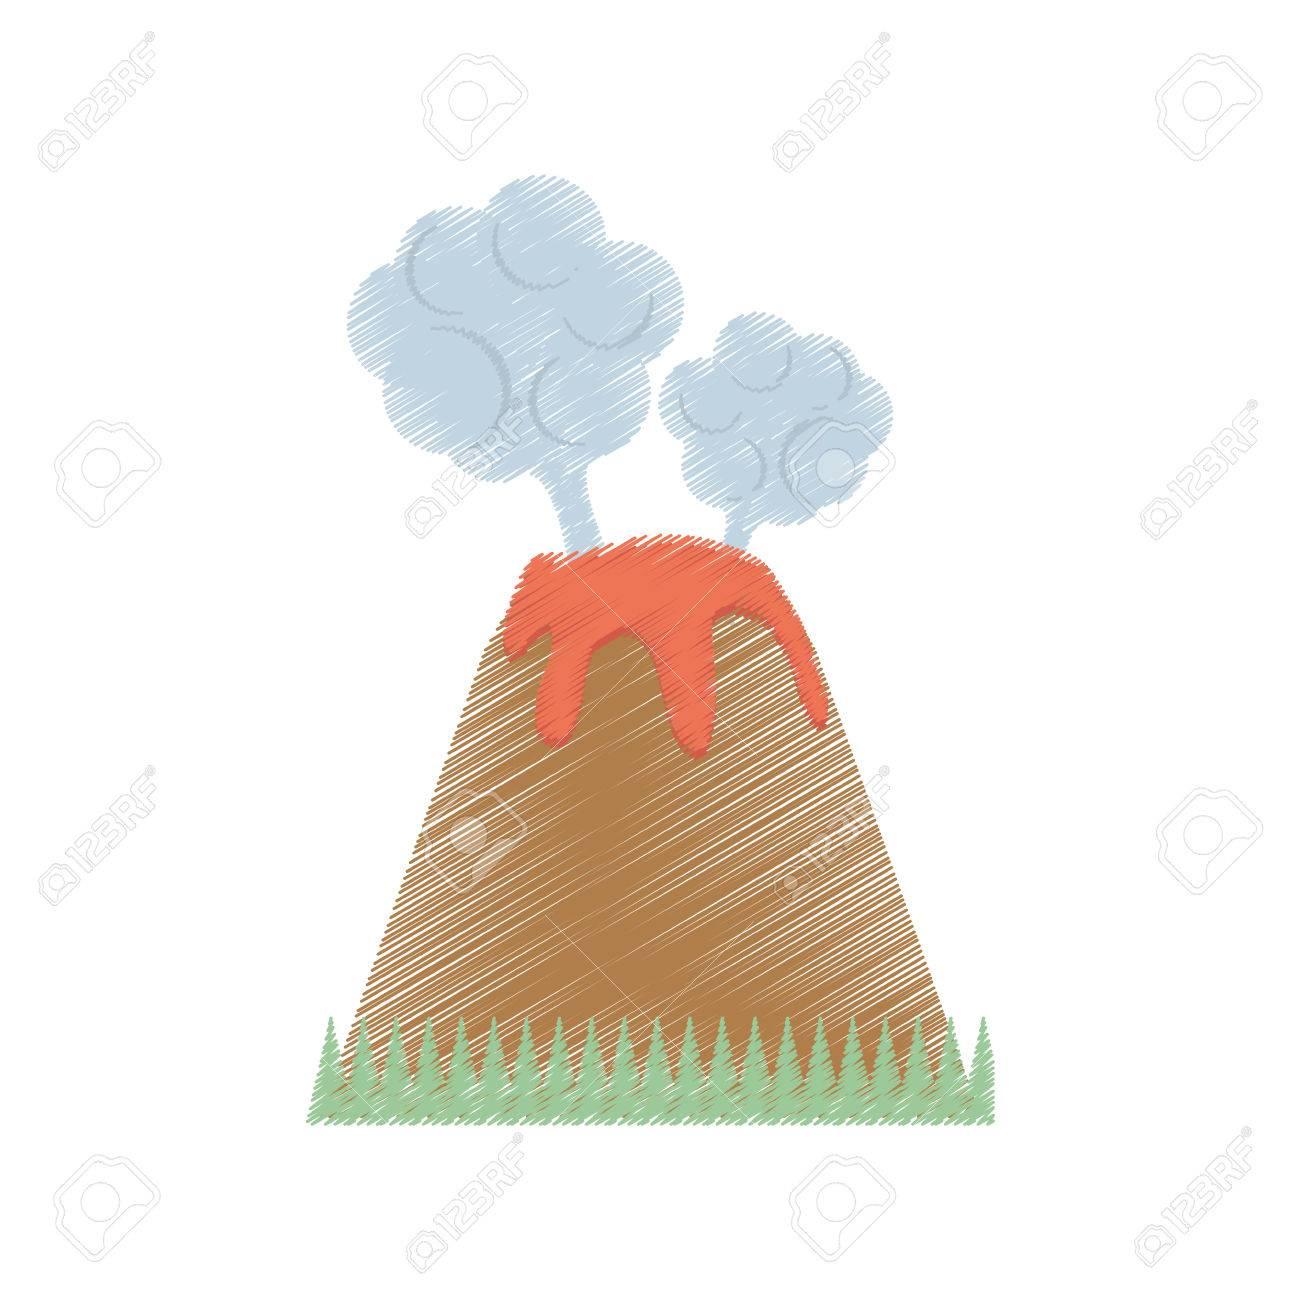 Dessin Volcan Eruption De Lave Montagne Nuage Illustration Vectorielle Eps 10 Clip Art Libres De Droits Vecteurs Et Illustration Image 70388281